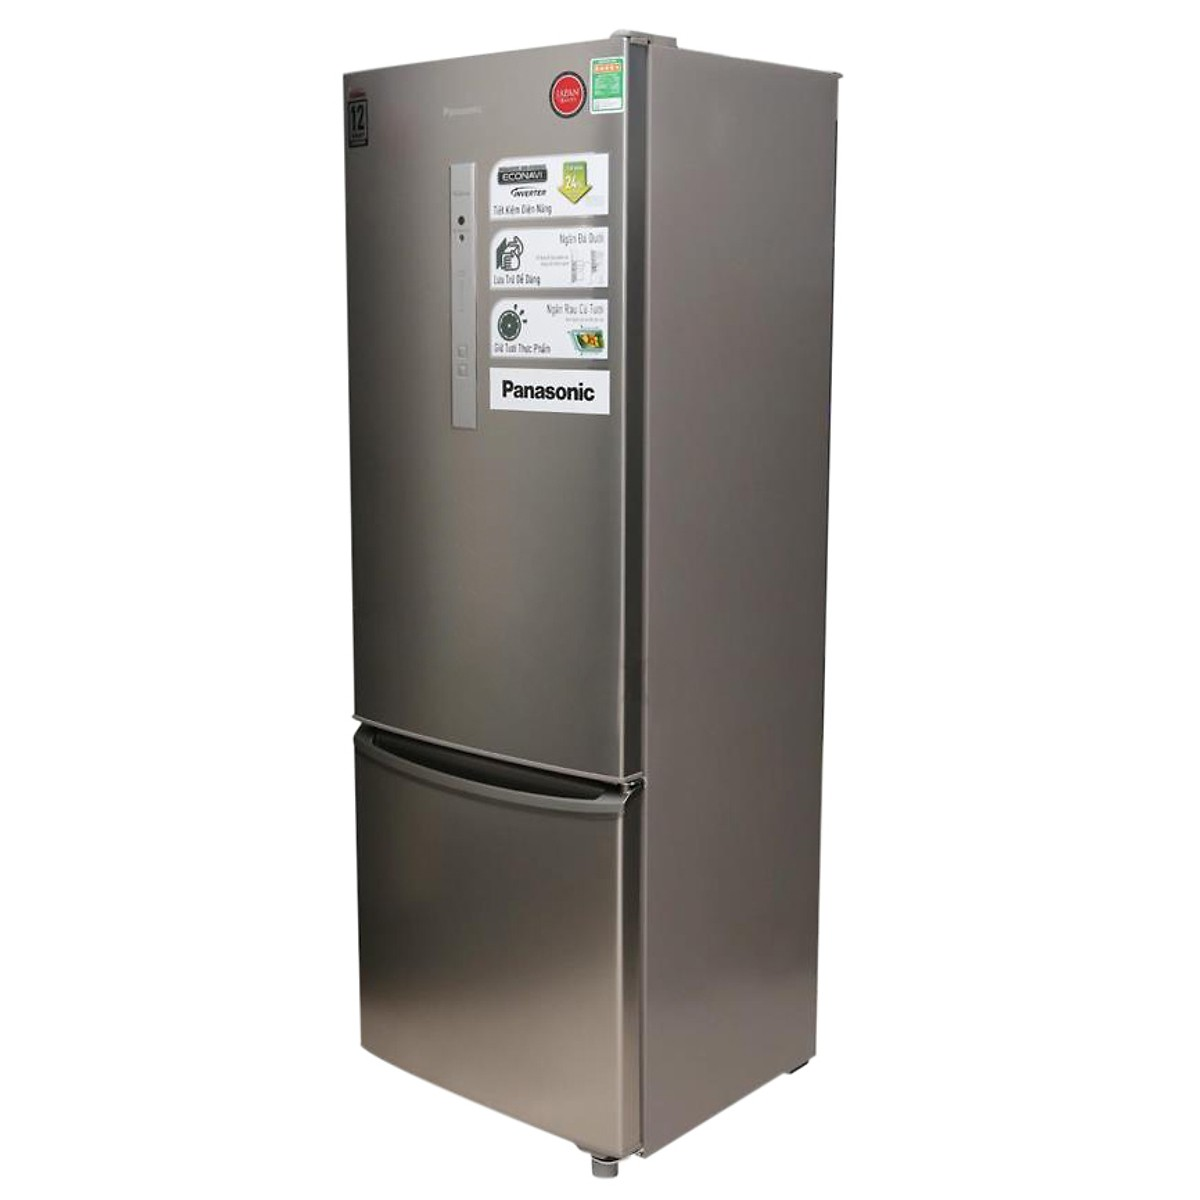 Tủ Lạnh Panasonic NR-BR347ZSVN (308 Lít) - Hàng Chính Hãng